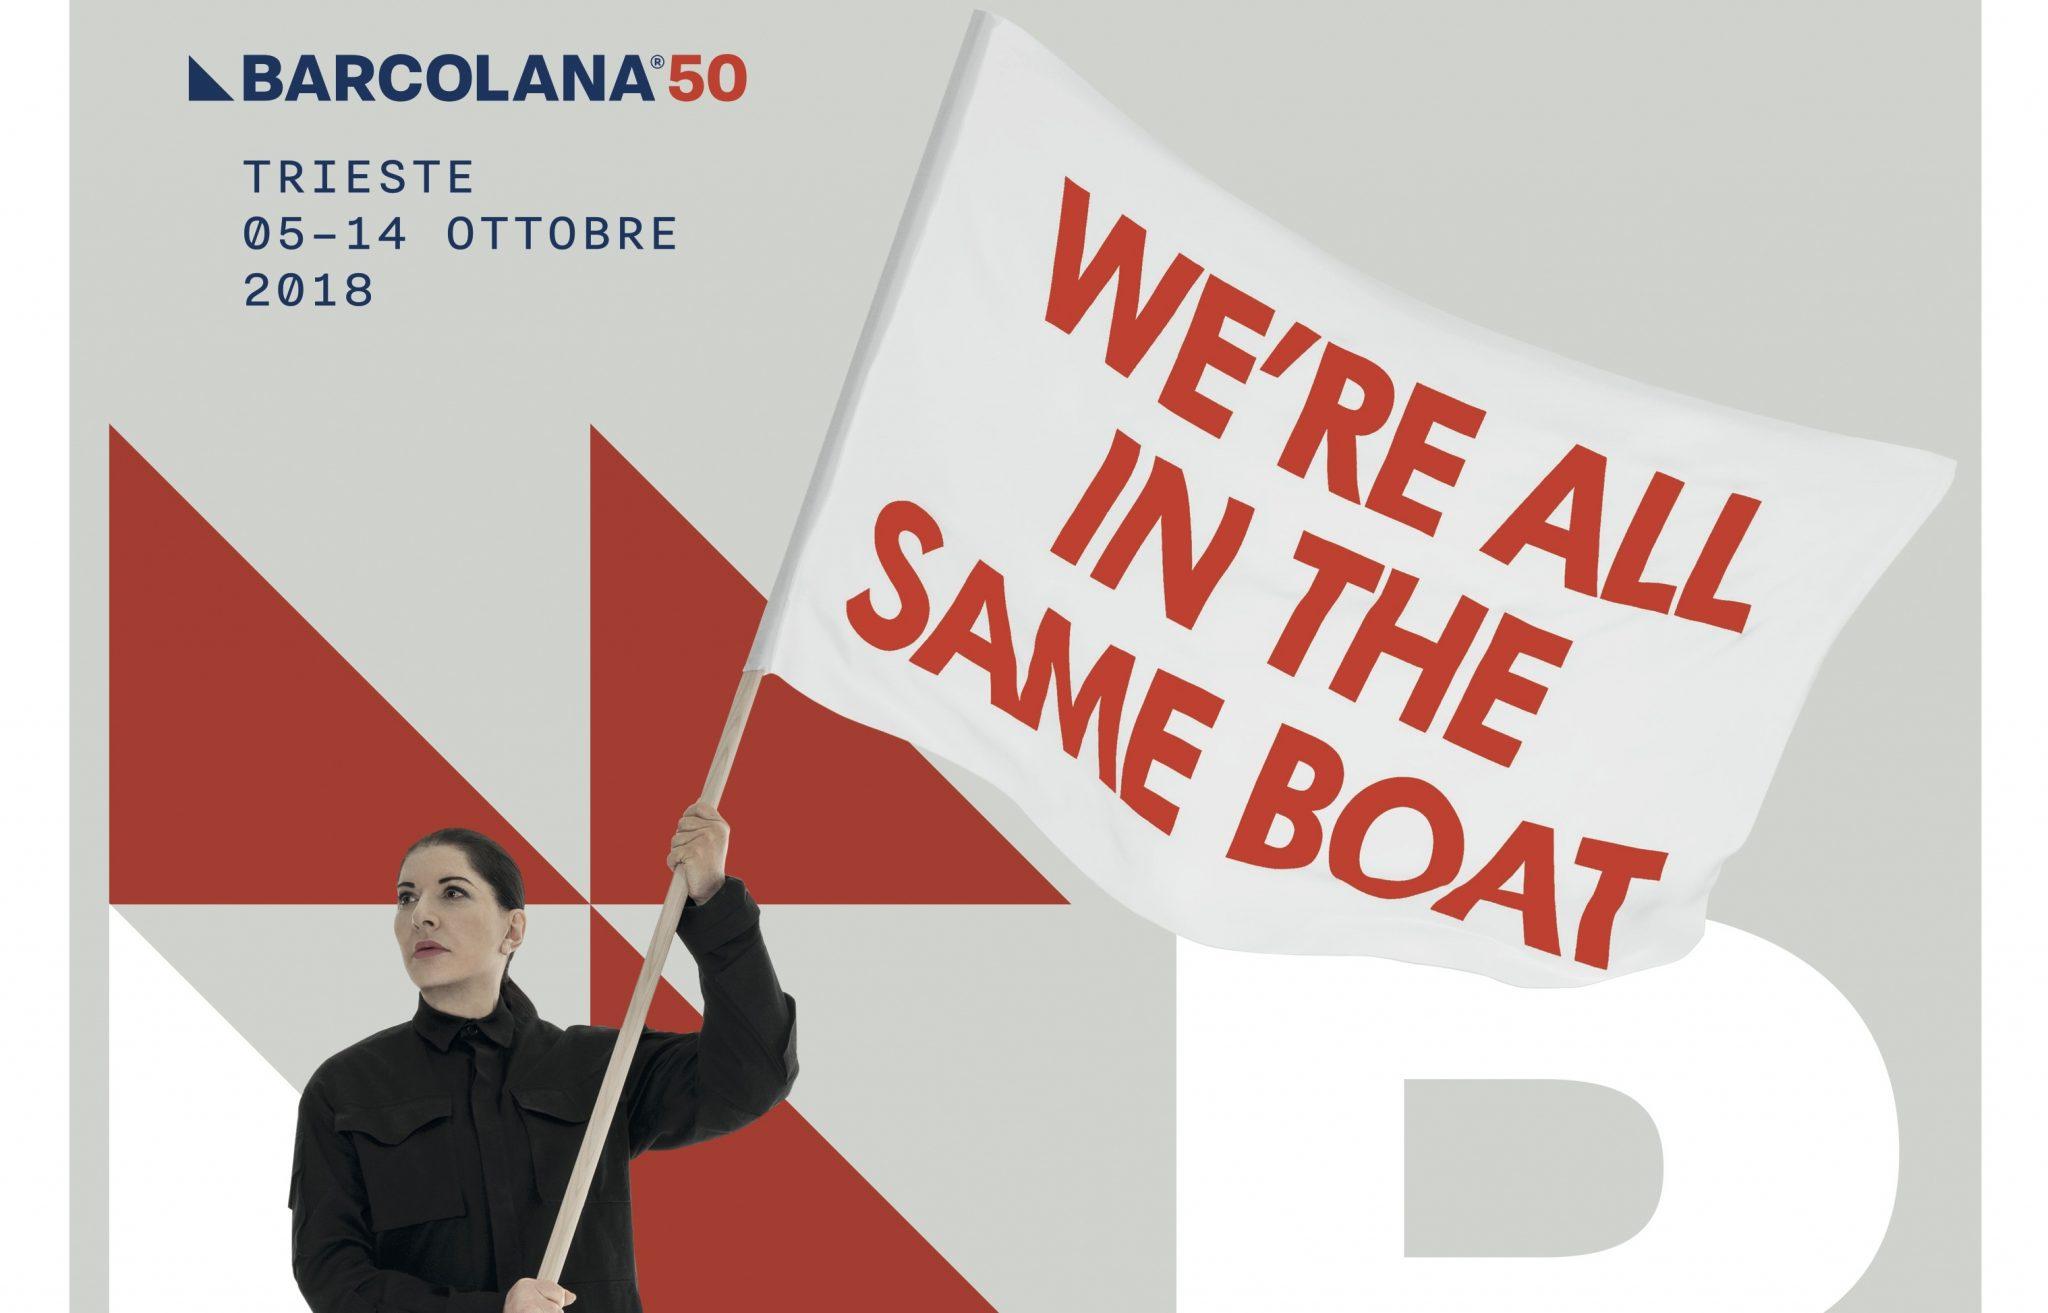 Un particolare del manifesto di Marina Abramovic per Barcolana50